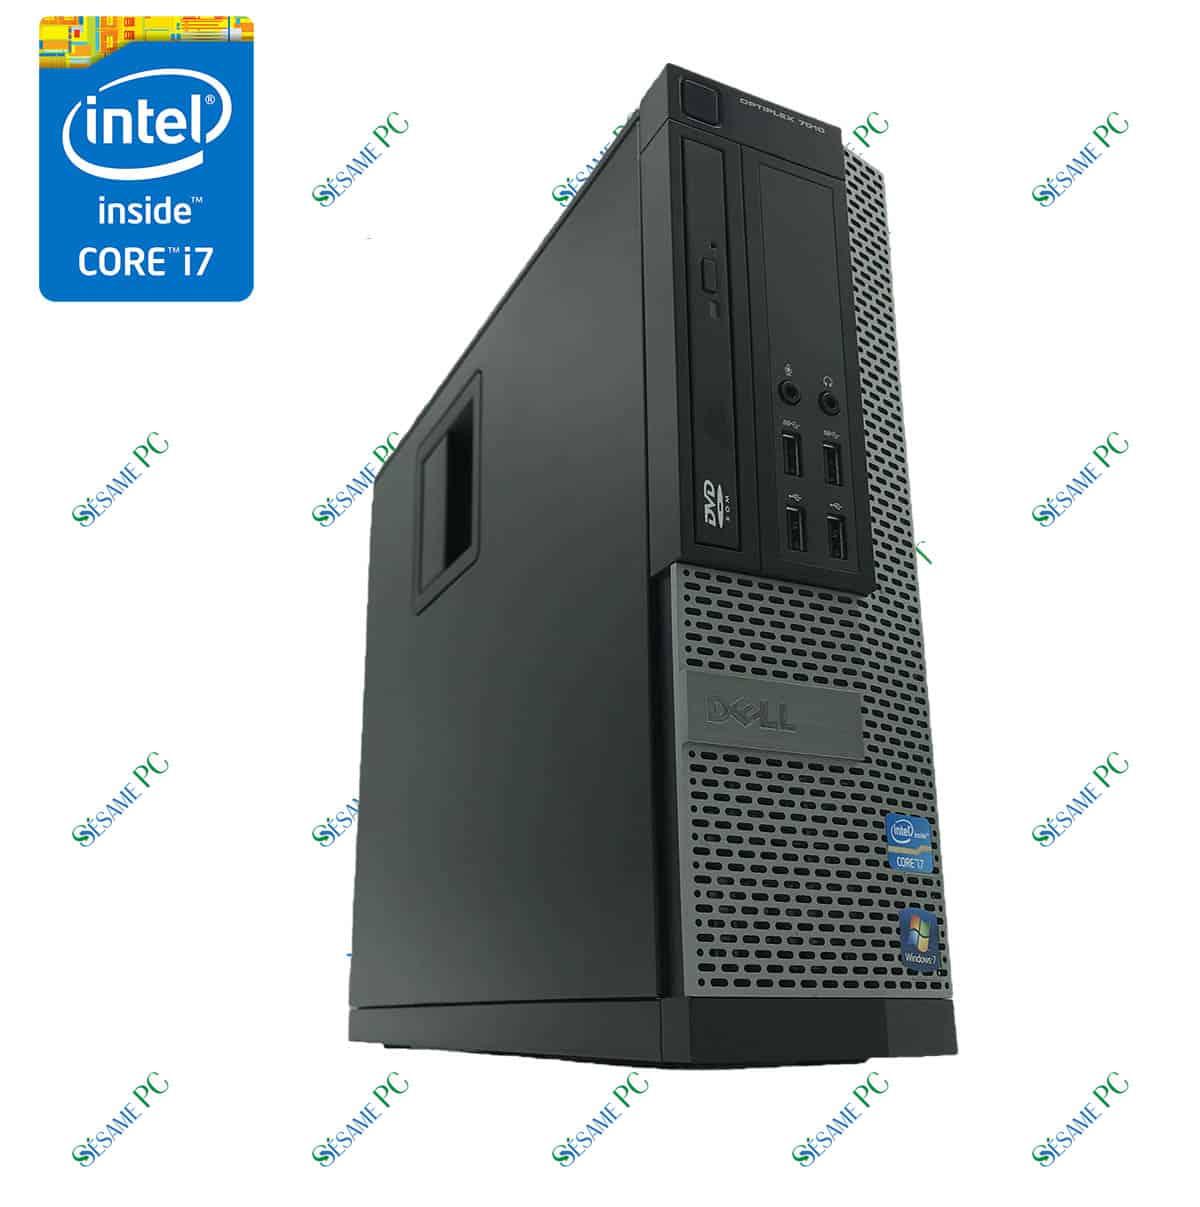 DELL Optiplex 7010 - Intel Core i7 - SesamePC